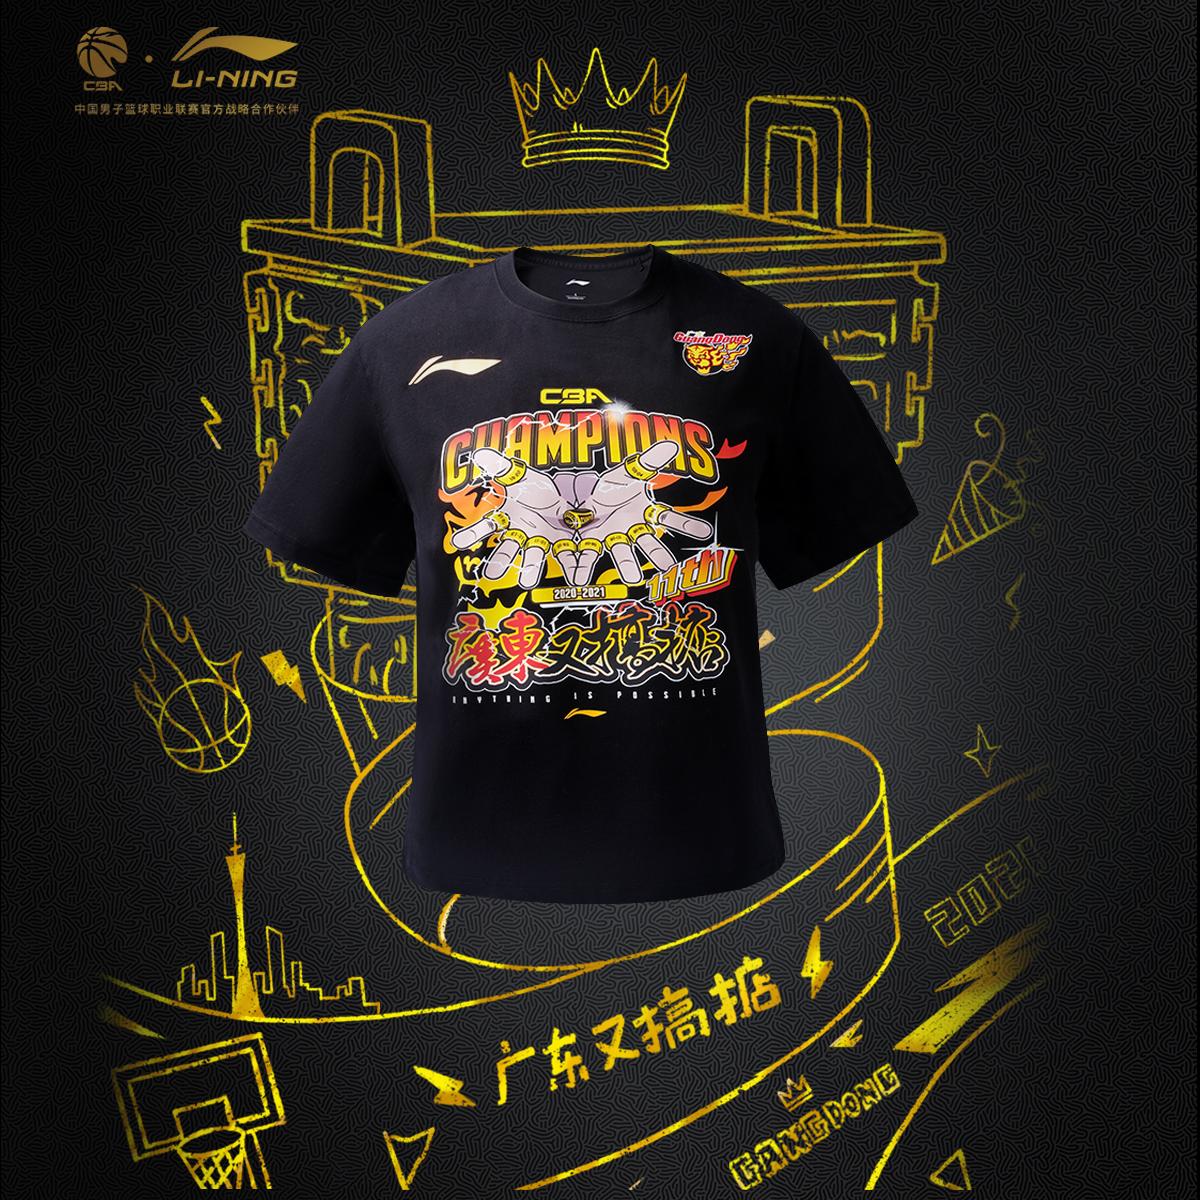 LI-NING 李宁 AHSRB05 广东队总冠军纪念T恤